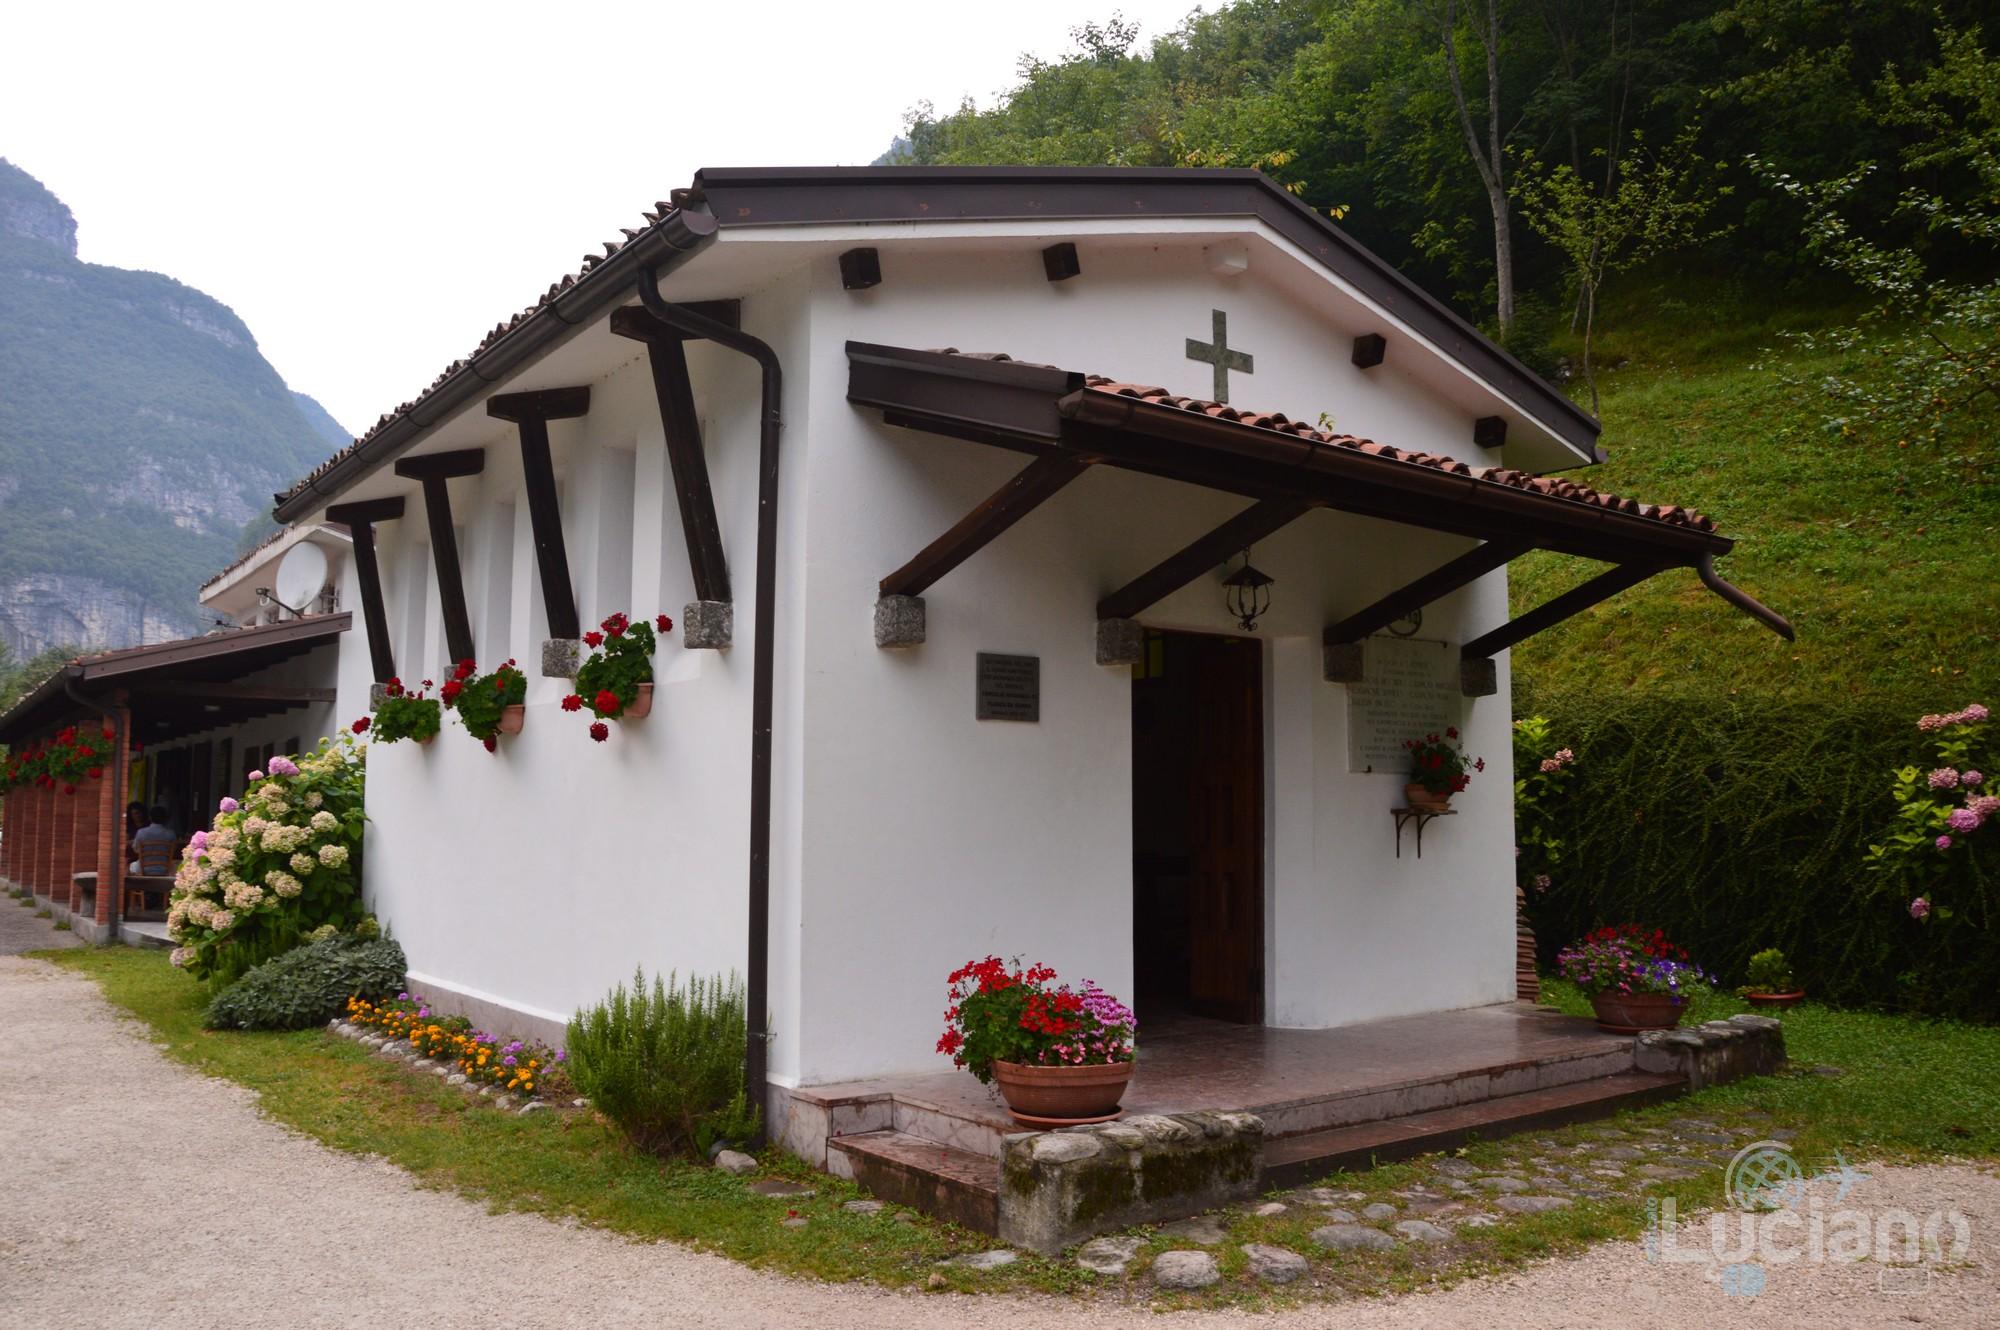 Chiesa sul Lago del Mis - Sospirolo (Belluno) - Veneto